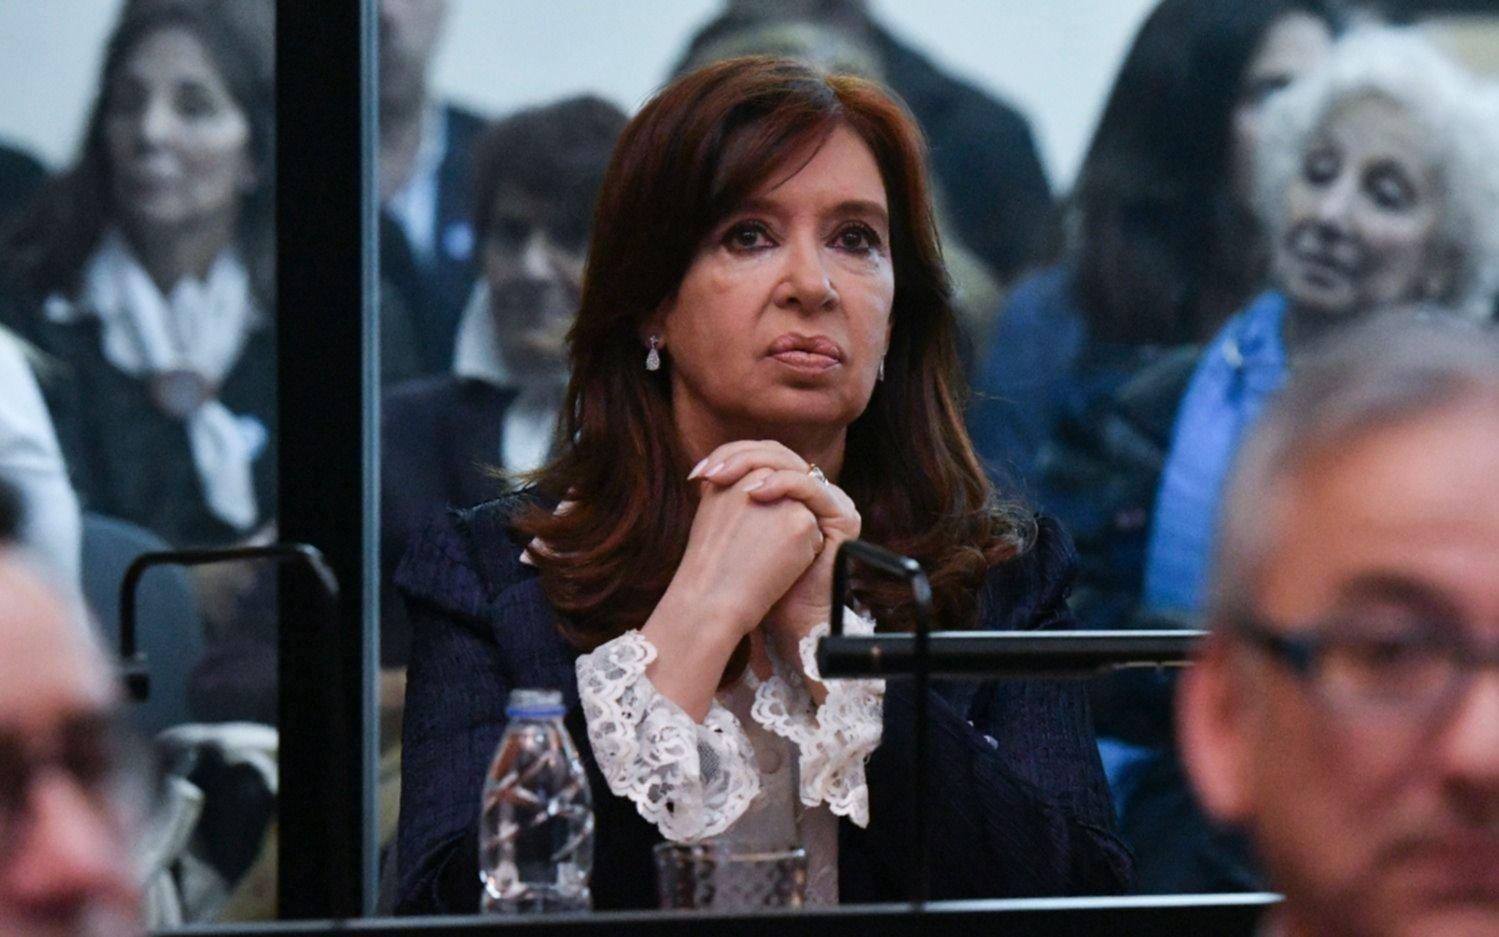 Cristina Kichner podrá faltar a las audiencias del juicio sólo si se superponen con su labor parlamentaria